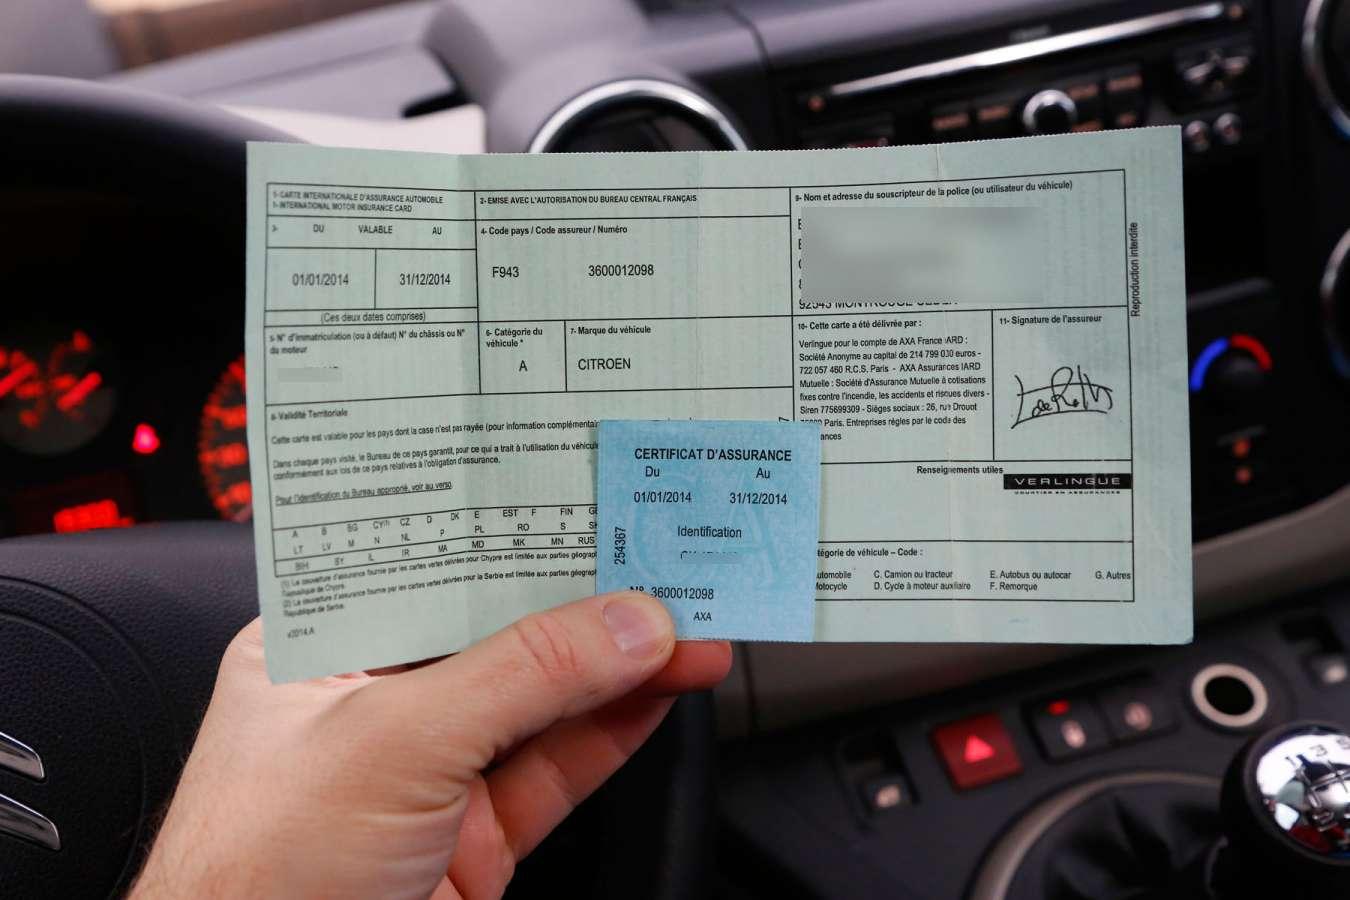 Choisir assurance auto en ligne : pourquoi souscrire une assurance auto en ligne ?